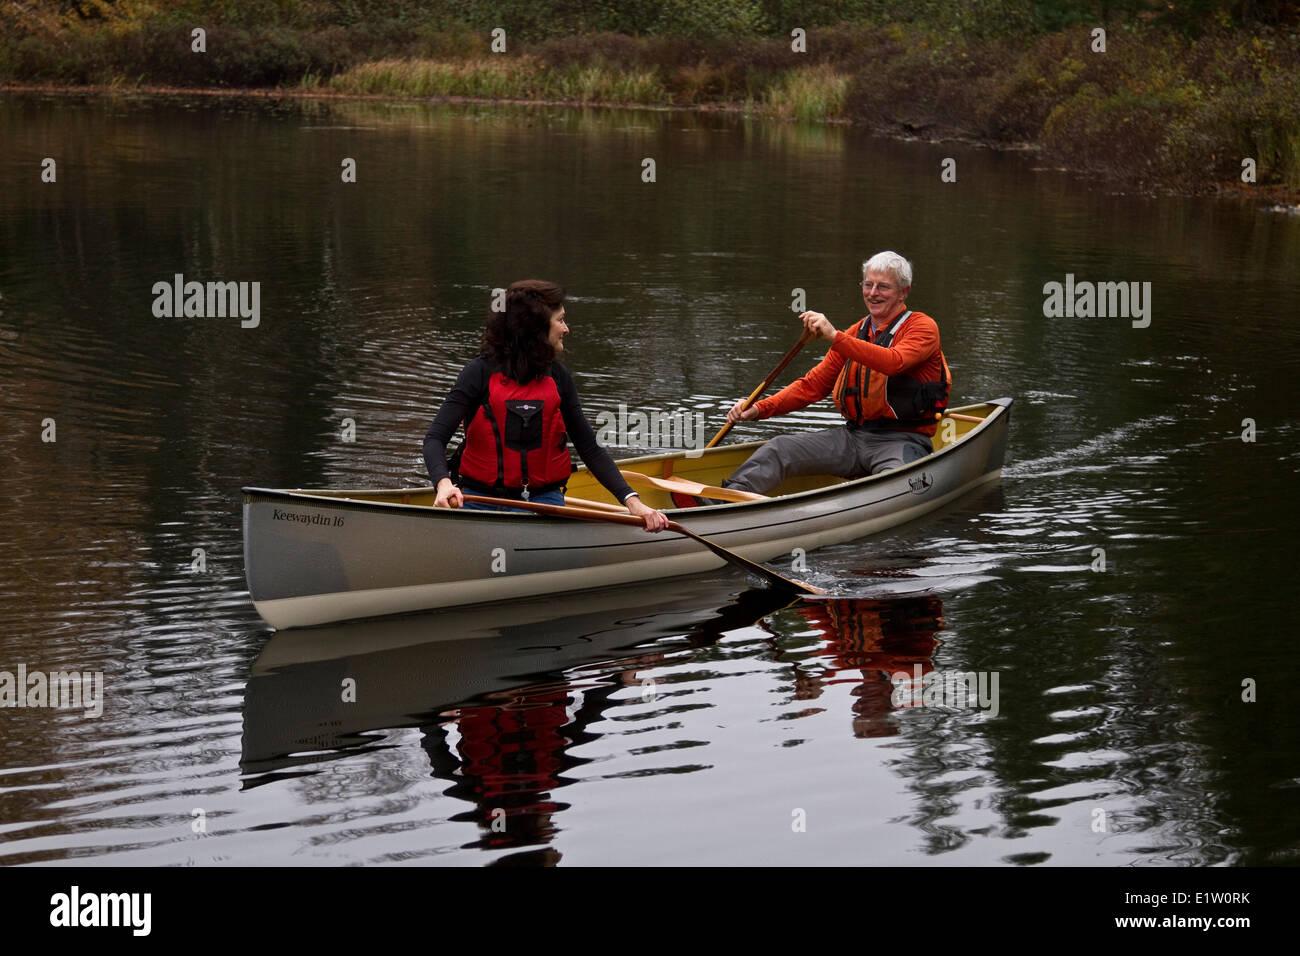 Middle-aged couple paddling canoe in serene setting on Oxtongue Lake, Muskoka, Ontario, Canada. - Stock Image